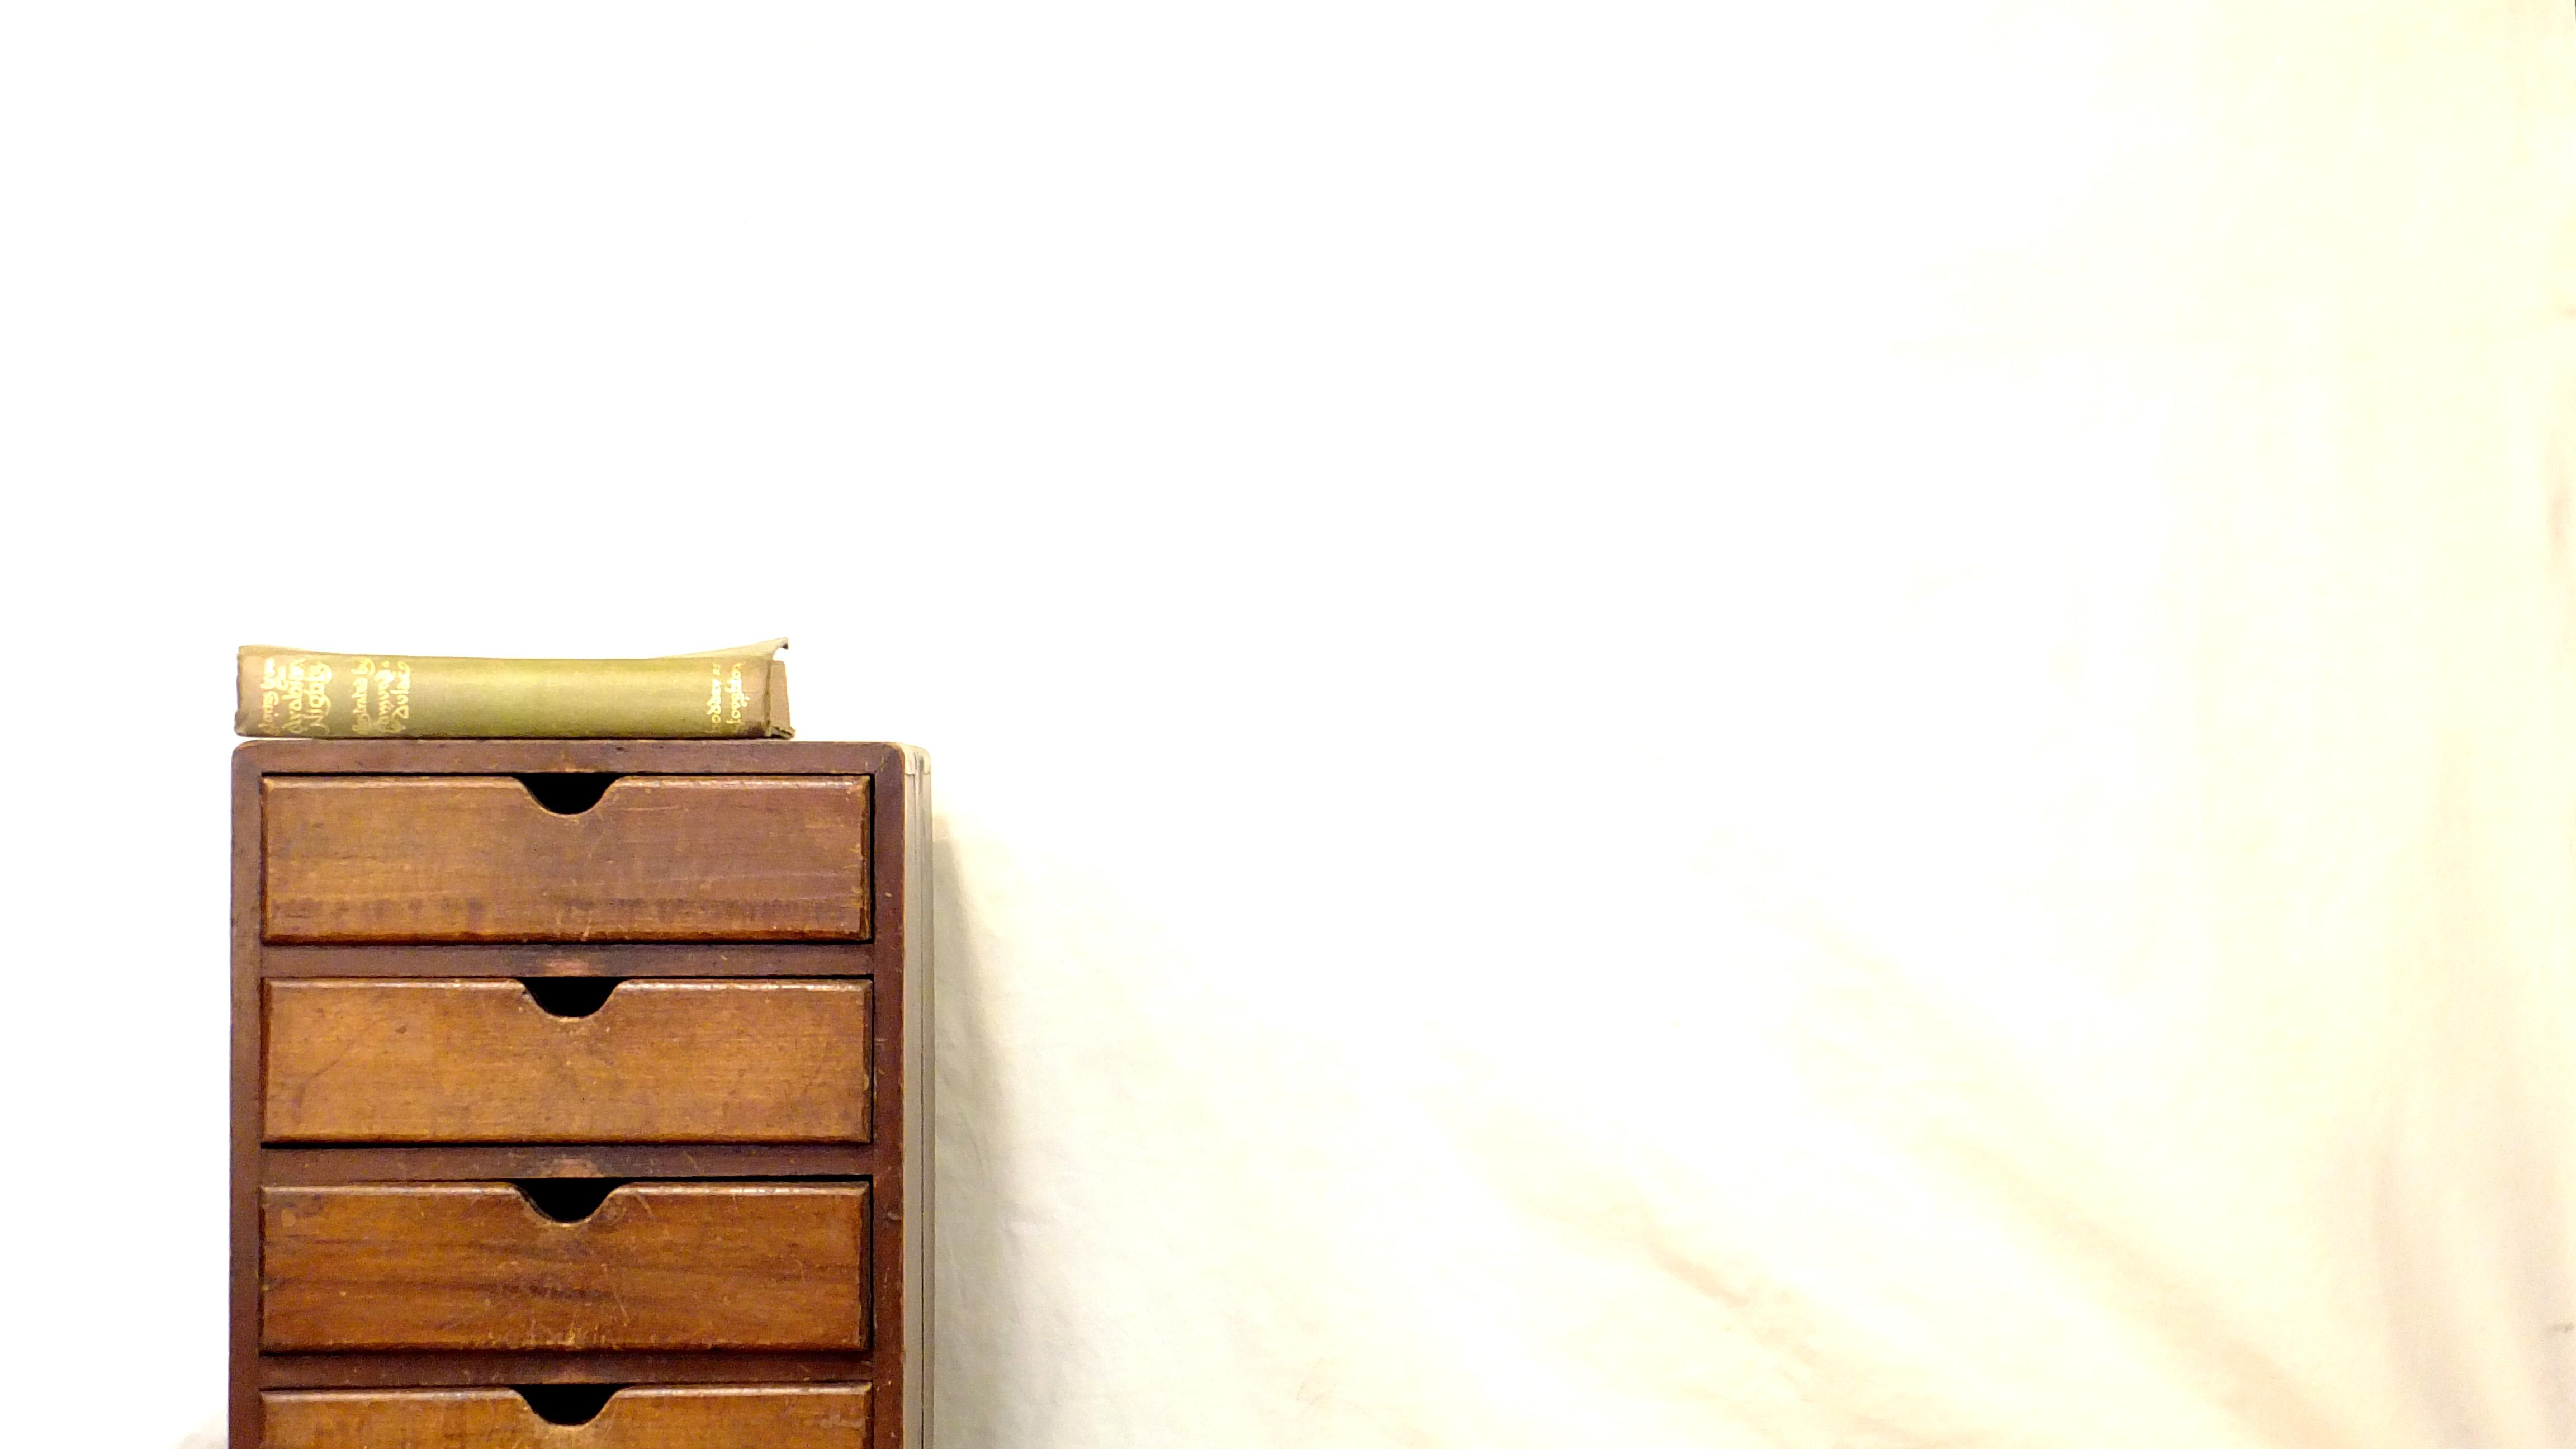 昭和レトロ 古い木製のアンティーク5杯小引き出しです。古い木の質感が味わえる、和製アンティークの小引き出し。小さなサイズで卓上や机上での使用にもぴったりなお品です。昭和レトロな雰囲気溢れる一品ですので一つ置くだけでお部屋の印象も変わりレトロやアンティークスタイルに相性が良いです。ご一緒に観葉植物などをあわせてボタニカルな雰囲気も楽しめます。雰囲気のある小引出し、お好きな方は是非♪~【東京都杉並区阿佐ヶ谷北アンティークショップ 古一/ZACK高円寺店】 古一では出張無料買取も行っております。杉並区周辺はもちろん、世田谷区・目黒区・武蔵野市・新宿区等の東京近郊のお見積もりも!ビンテージ家具・インテリア雑貨・ランプ・USED品・ リサイクルなら古一へ~,ユーズド, リサイクル,ふるいち,古市,フルイチ,used,furuichi,こいちAntique,Drawer,Cabinet,アンティーク ,キャビネット,キャビネット,ドロワー,チェスト,レトロ,レトロ家具,チェスト,小引出し,収納,イギリスビンテージ,イギリスアンティーク,レトロキャビネット,アンティーク家具,